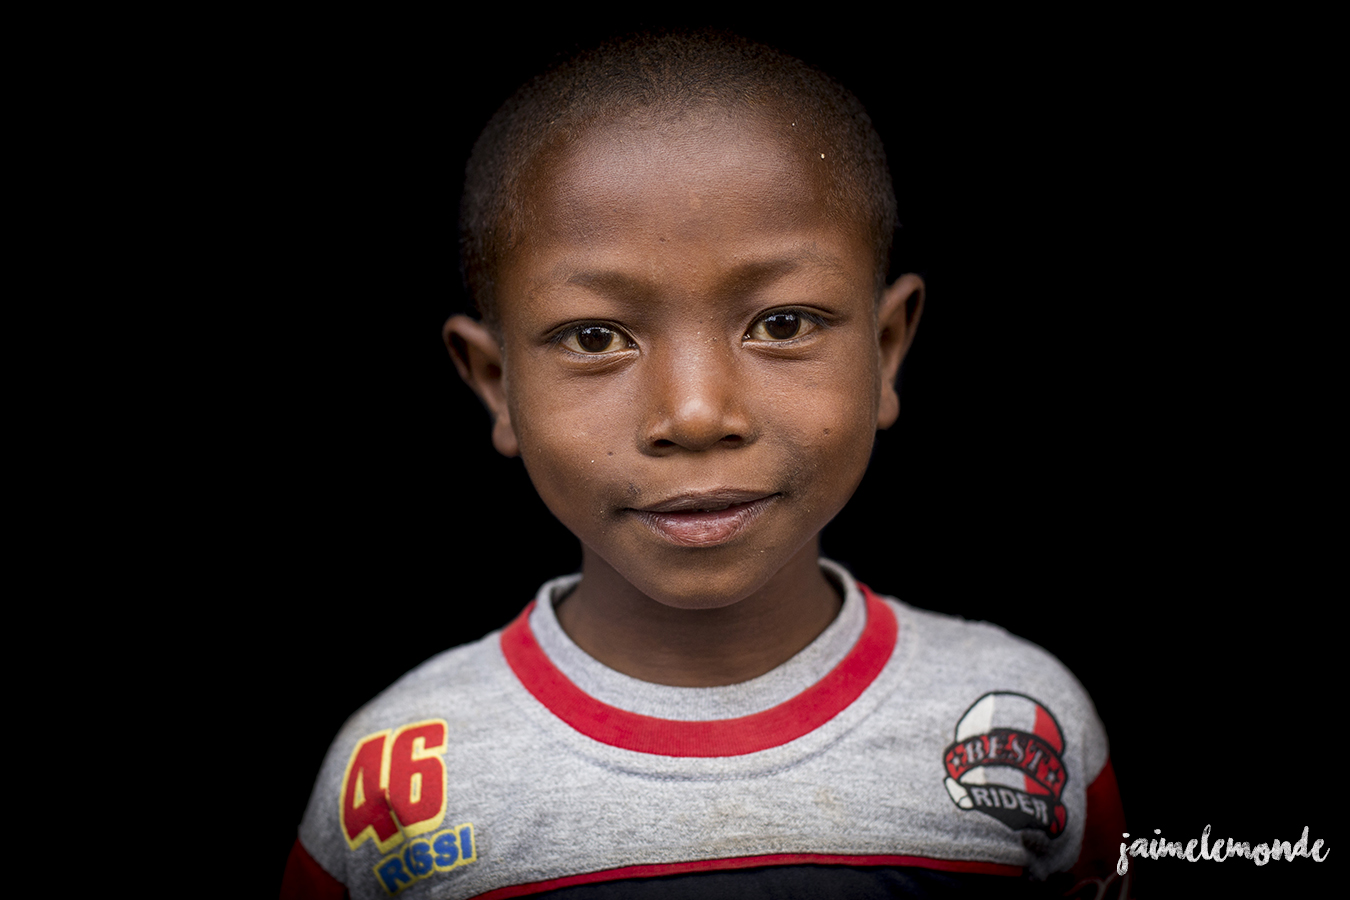 portraits-fond-noir-vohitsaoka-madagascar-jaimelemonde-9